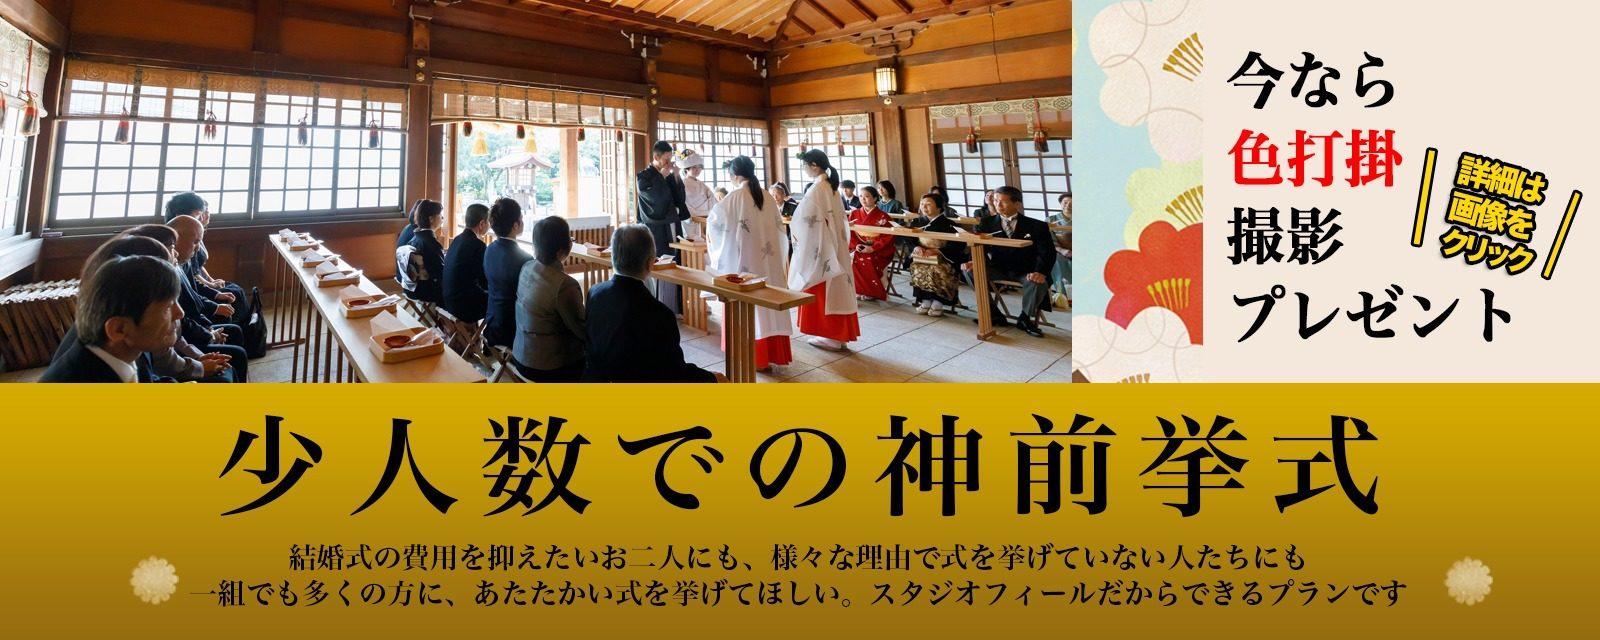 神社挙式 福岡 バナー